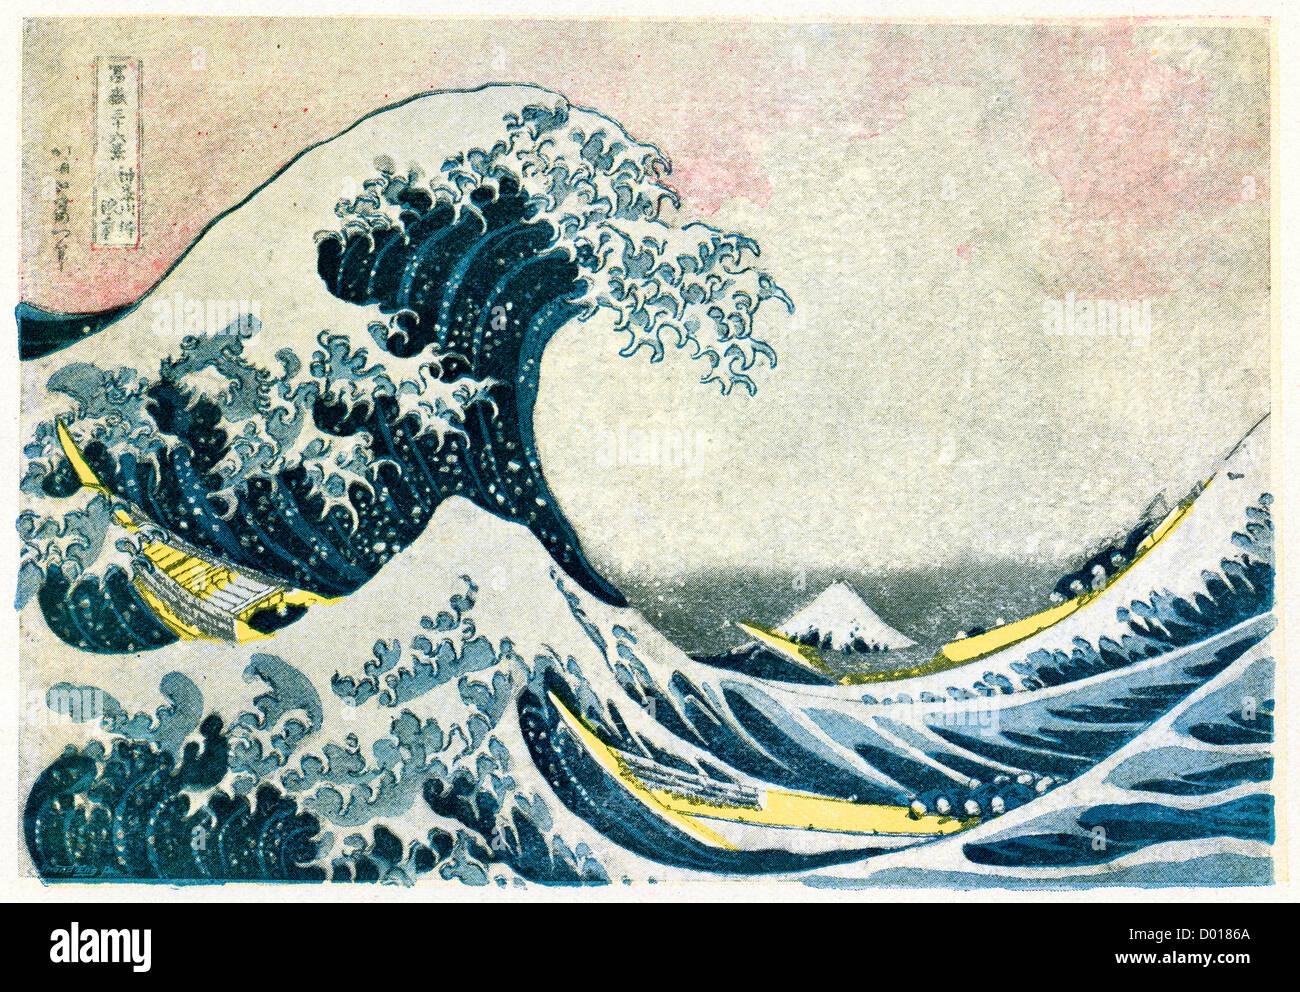 La grande onda off Kanagawa, conosciuta anche come la grande onda o semplicemente l'onda un woodblock Print by Hokusai Foto Stock